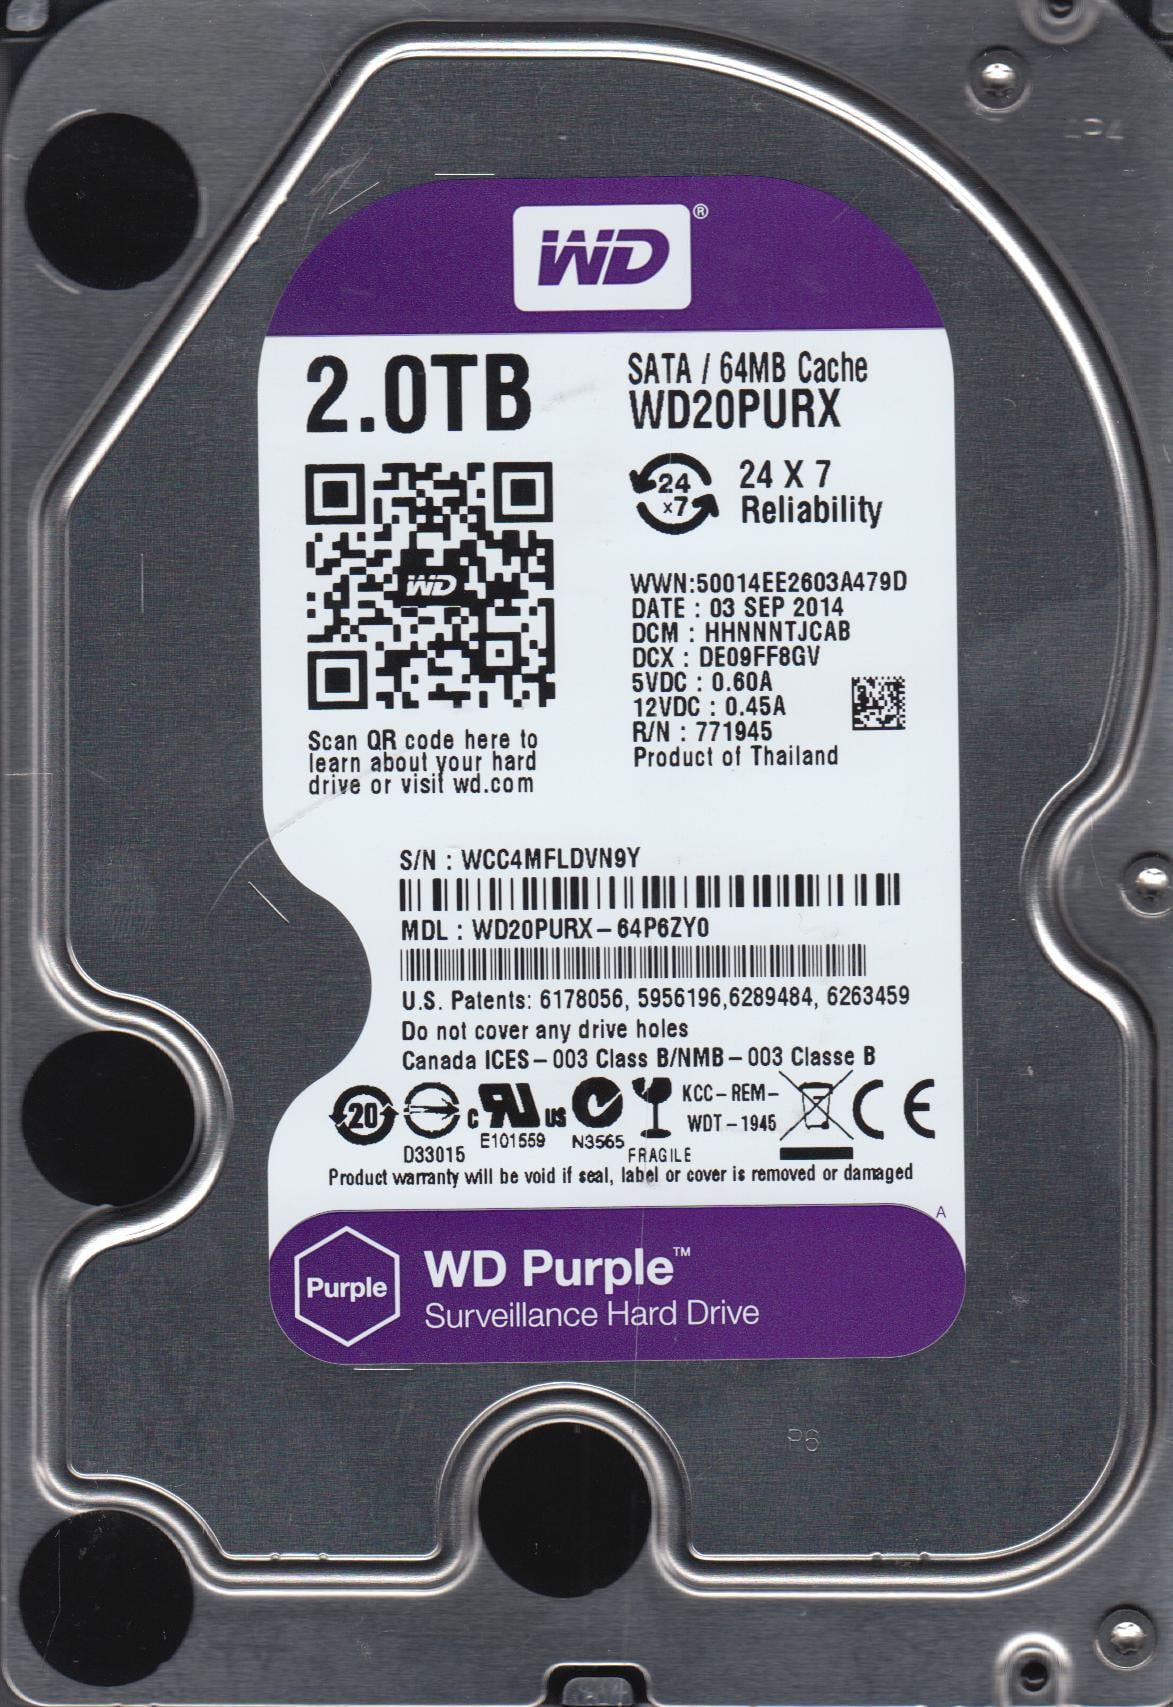 WD20PURX-64P6ZY0, DCM HHNNNTJCAB, Western Digital 2TB SATA 3.5 Hard Drive by Western Digital